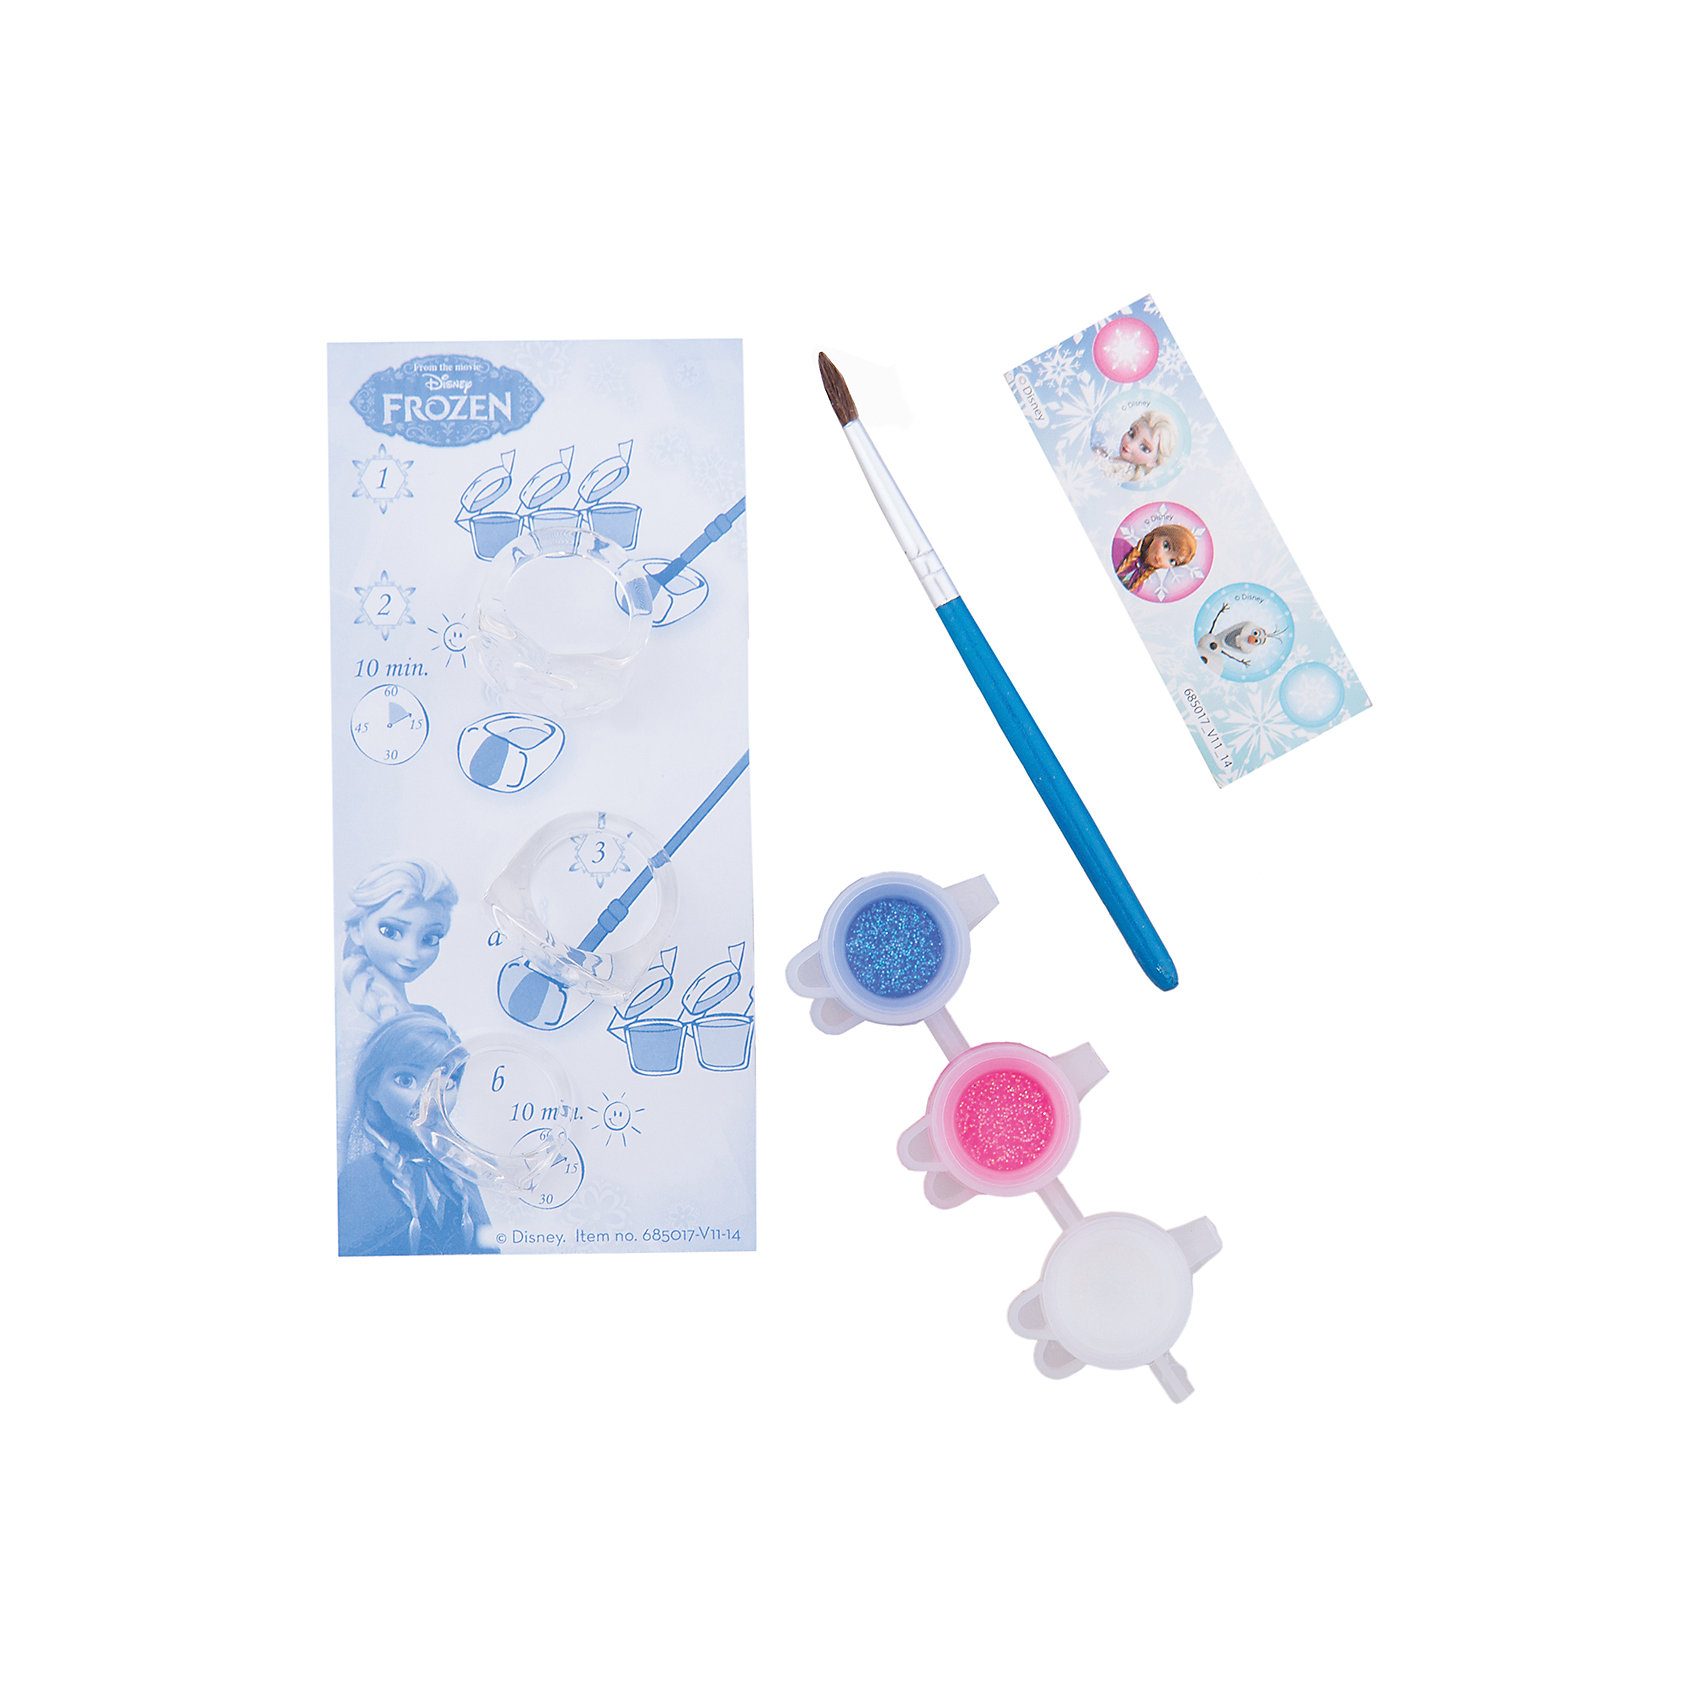 Набор для творчества FROZEN MINI CRYSTAL ICE RINGSРукоделие<br>Характеристики набора для творчества Frozen Mini Crystal Ice Rings :<br><br>• возраст от 3 лет до 7 лет<br>• размер упаковки: 130x60x35 мм<br>• вес:28 г<br>• производитель: Totum<br><br>С помощью этого набора Вы и Ваш ребенок сможете создать 3 восхитительных, модных колечка, которые можно раскрасить по своему вкусу разноцветными, яркими красками. В комплект входит: 3 прозрачных колечка, кисть, краски (3 цвета), набор наклеек Frozen, пошаговая инструкция.<br><br>Набора для творчества Frozen Mini Crystal Ice Rings можно купить в нашем интернет-магазине.<br><br>Ширина мм: 30<br>Глубина мм: 130<br>Высота мм: 60<br>Вес г: 45<br>Возраст от месяцев: 36<br>Возраст до месяцев: 84<br>Пол: Женский<br>Возраст: Детский<br>SKU: 5032619